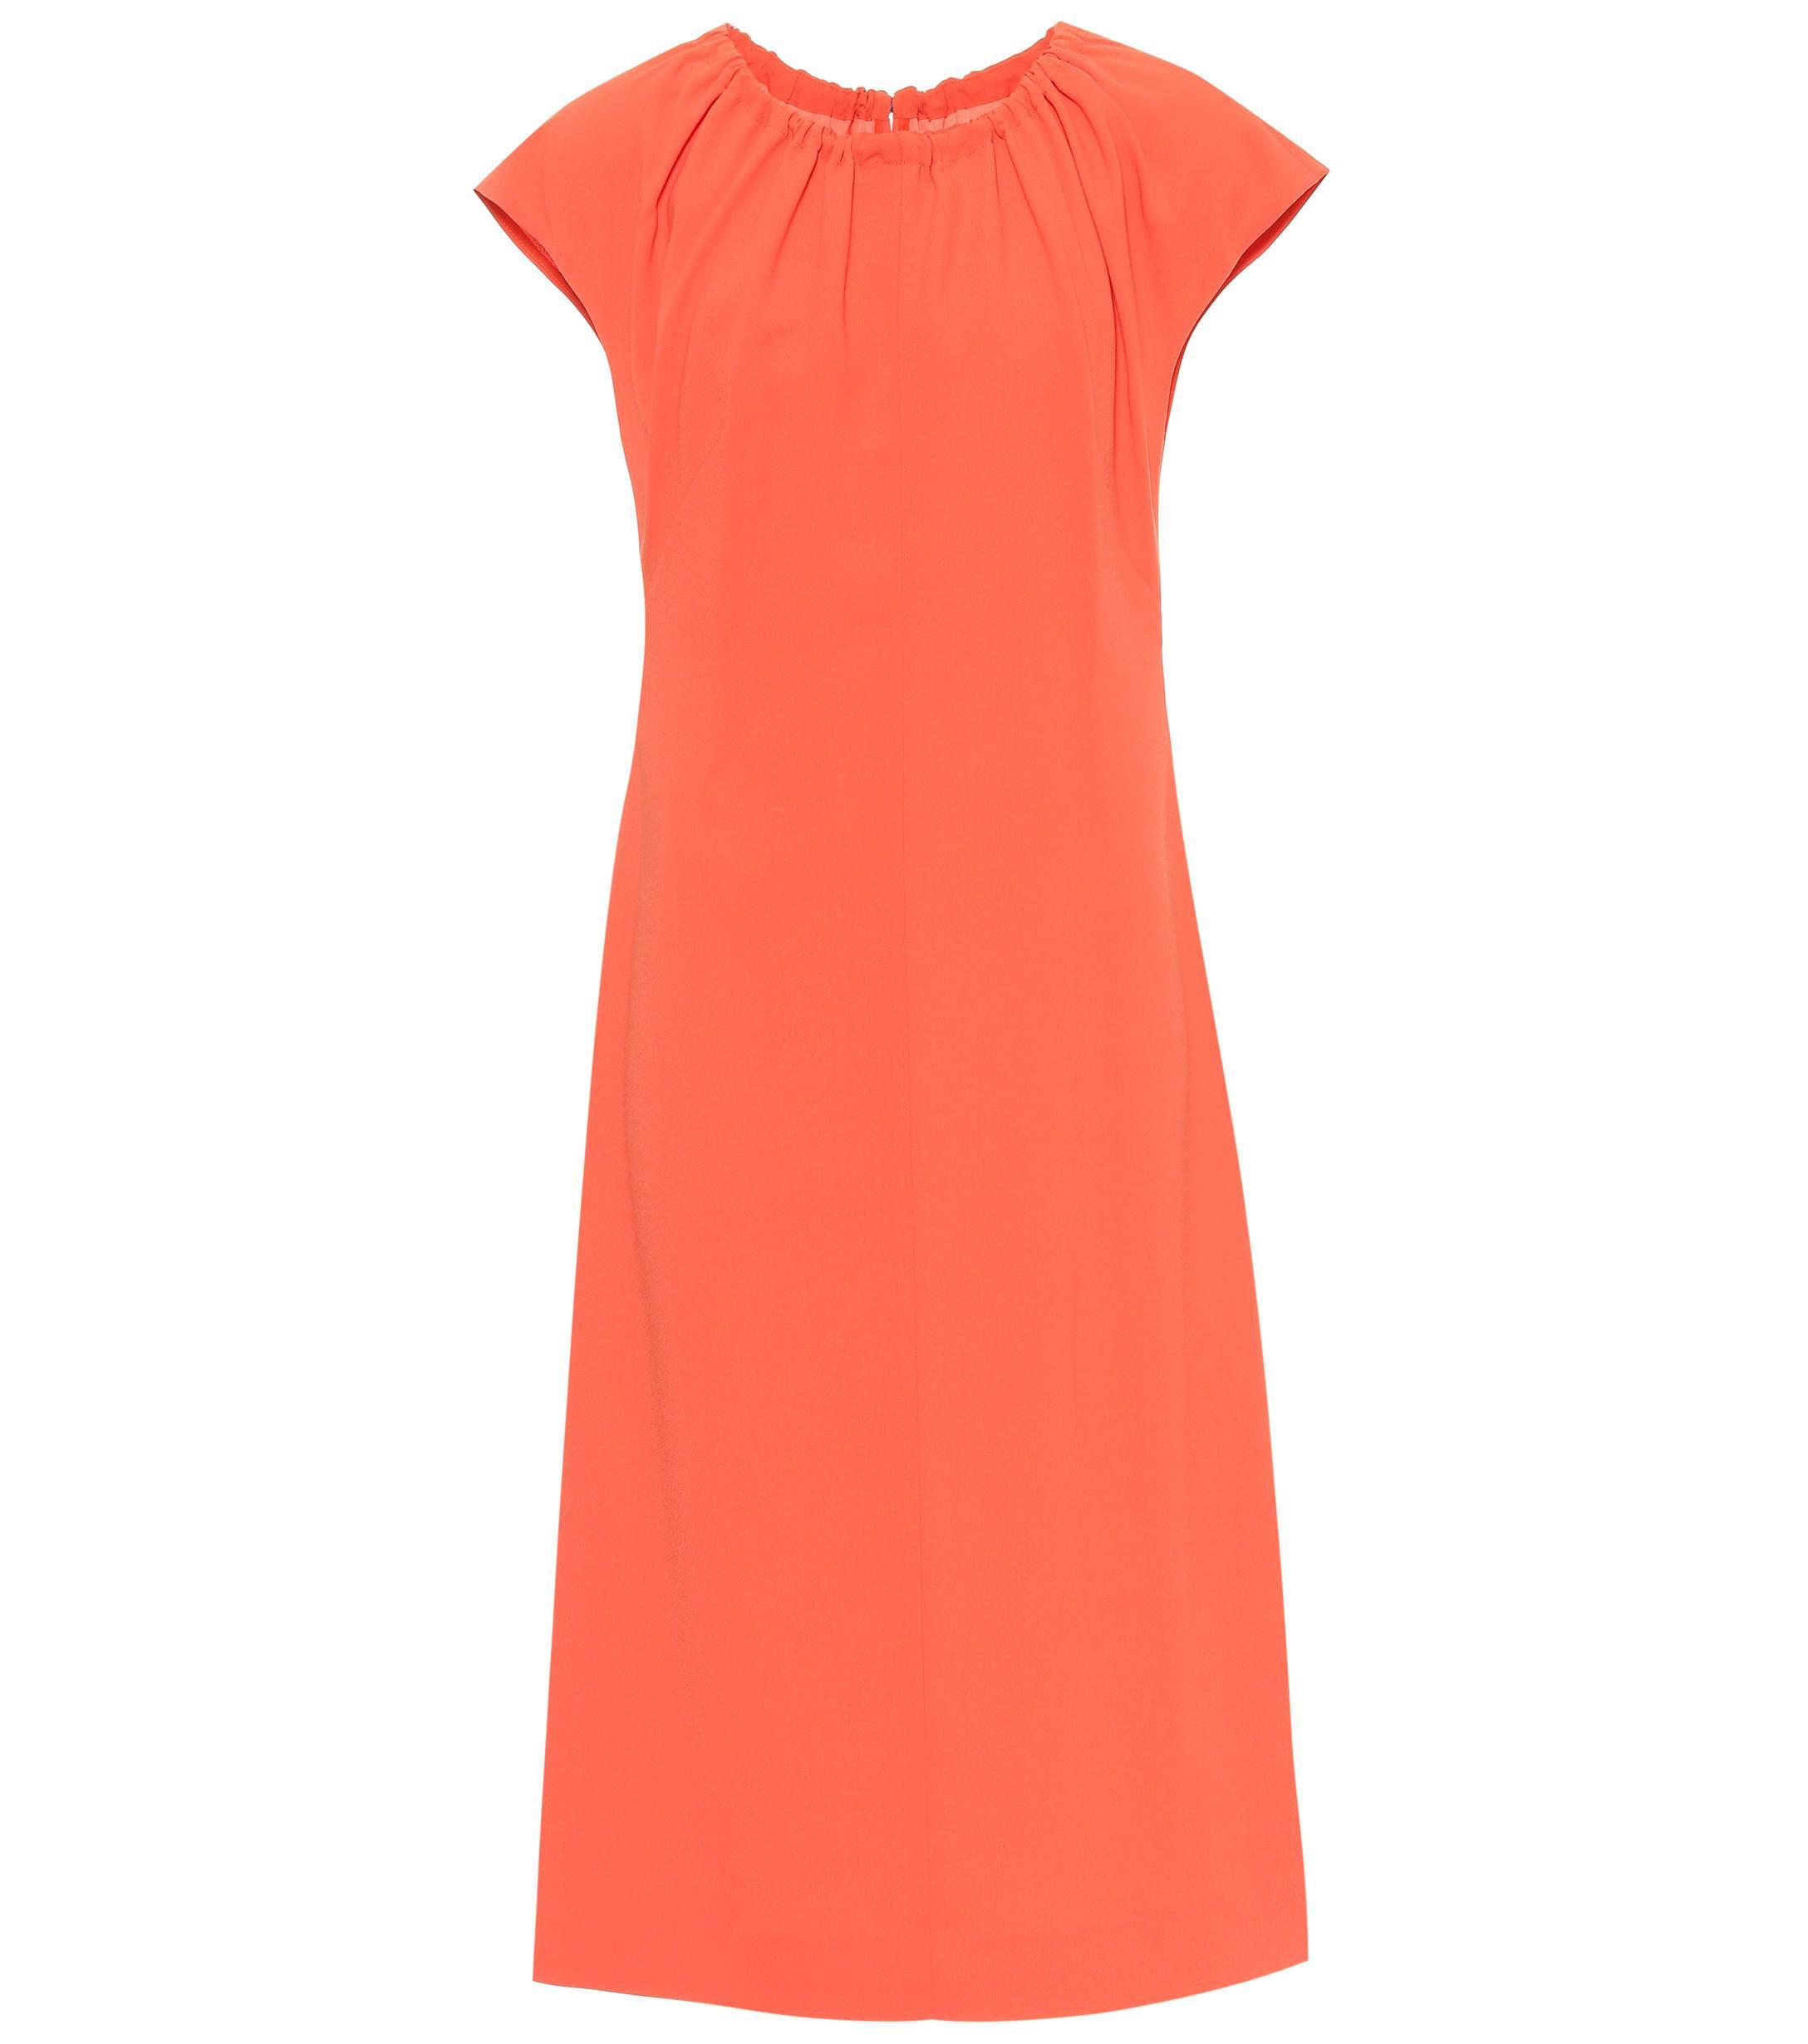 7fd89810283 Diane von Furstenberg. Women s Satin-crêpe Dress